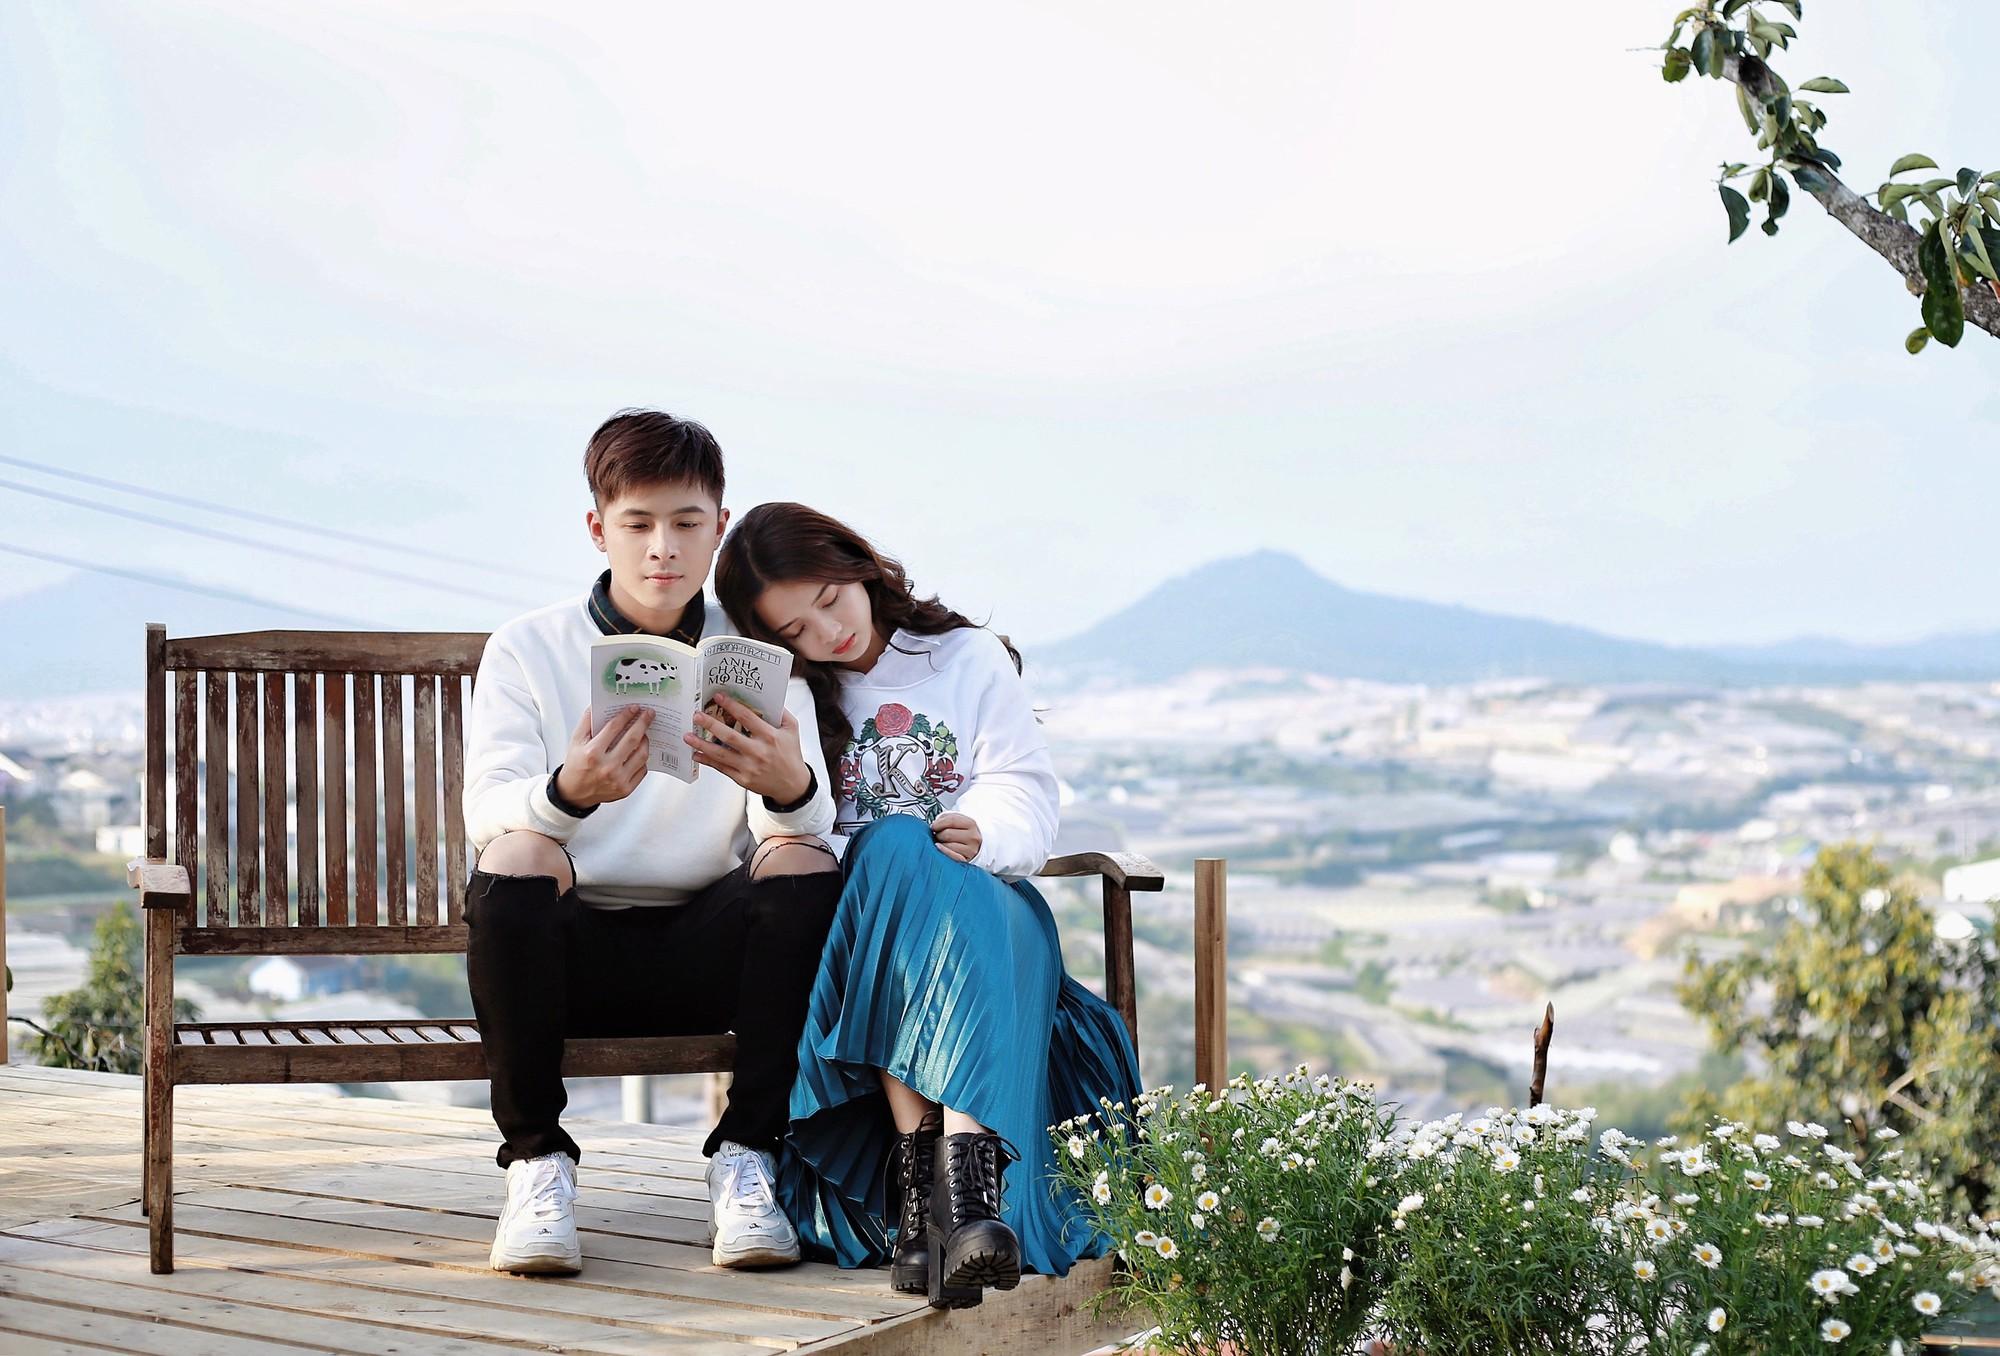 Gin Tuấn Kiệt hợp tác cùng hotgirl ảnh thẻ Lan Hương tung MV đầy nước mắt về tuổi thanh xuân - Ảnh 4.